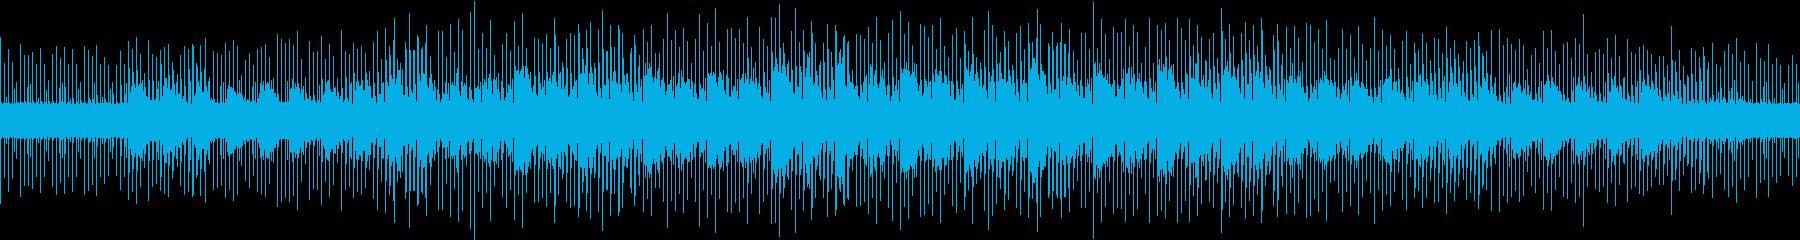 マラソン・ランニング練習用vol.002の再生済みの波形